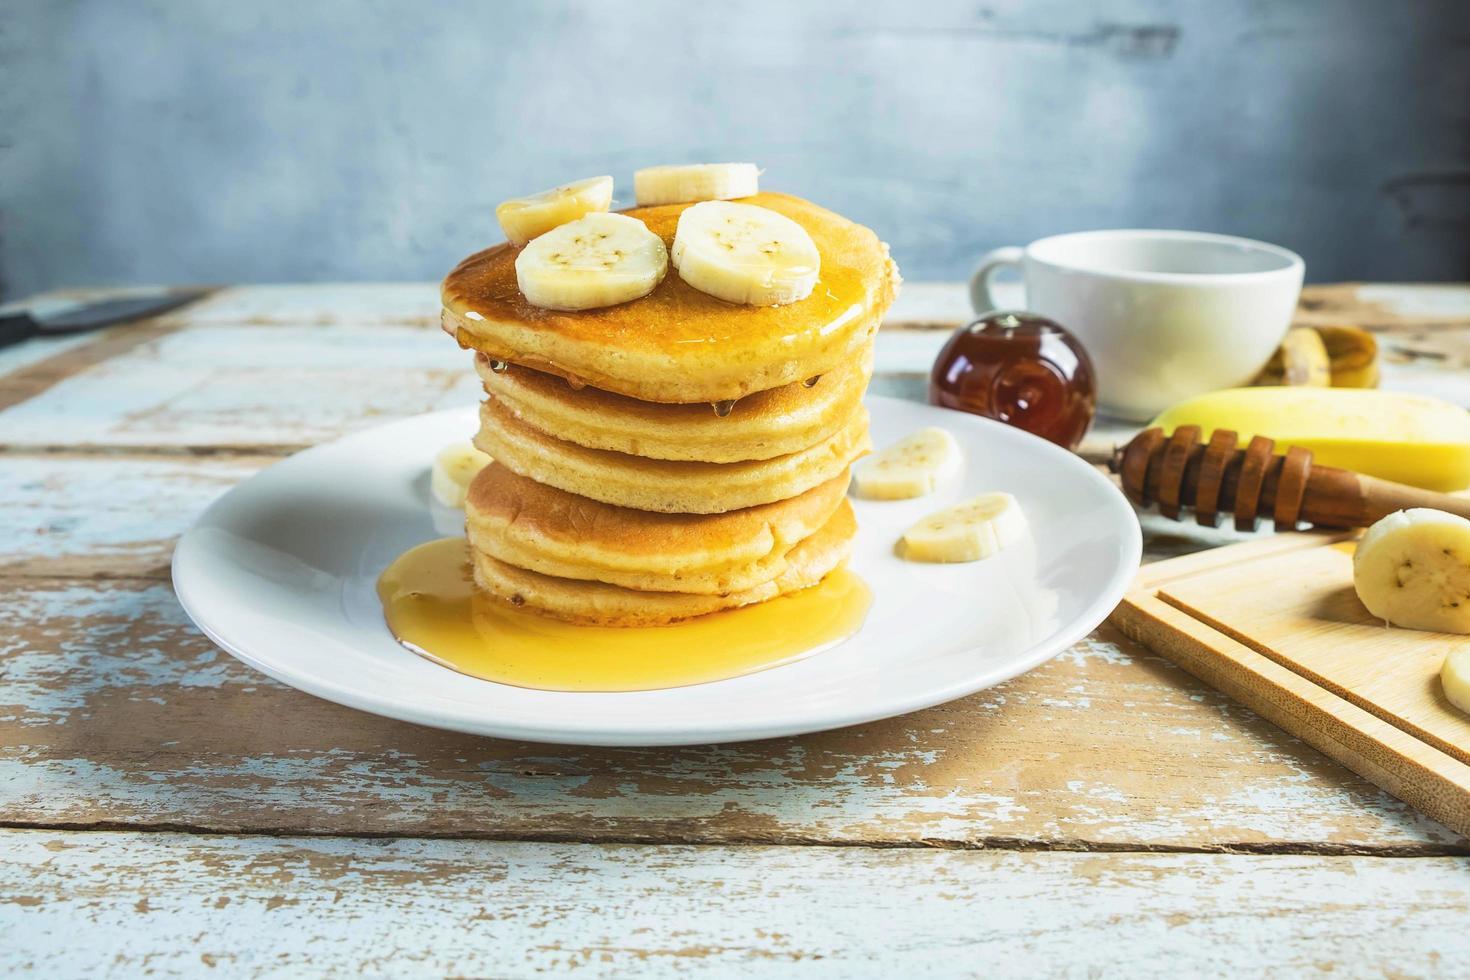 panquecas com cobertura de mel e bananas na mesa foto